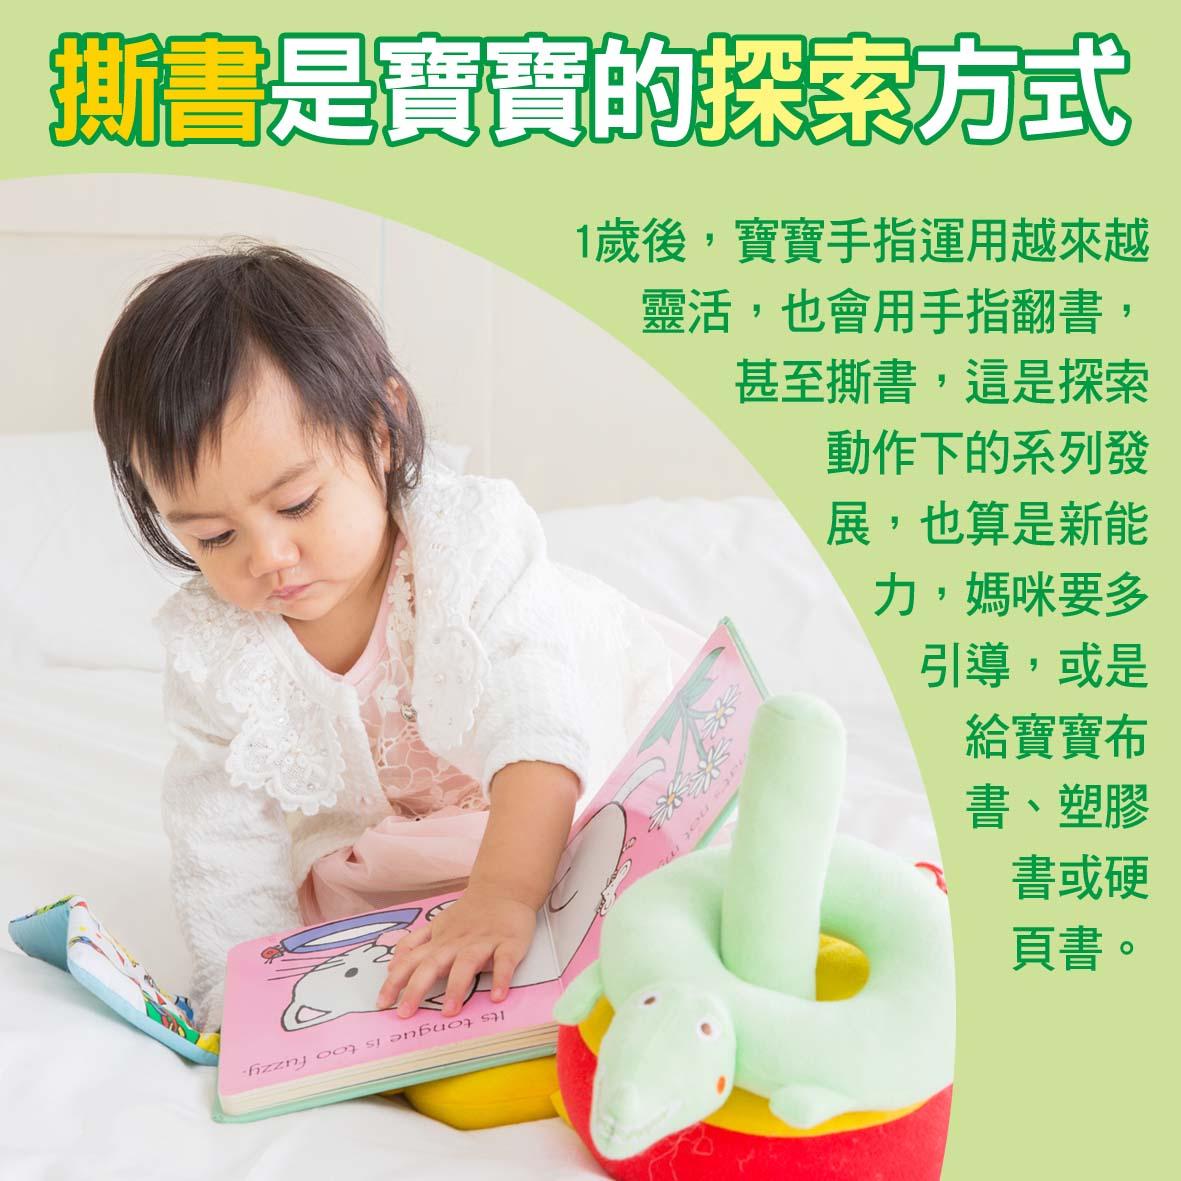 寶寶篇1歲第15~16週-撕書是寶寶的探索方式